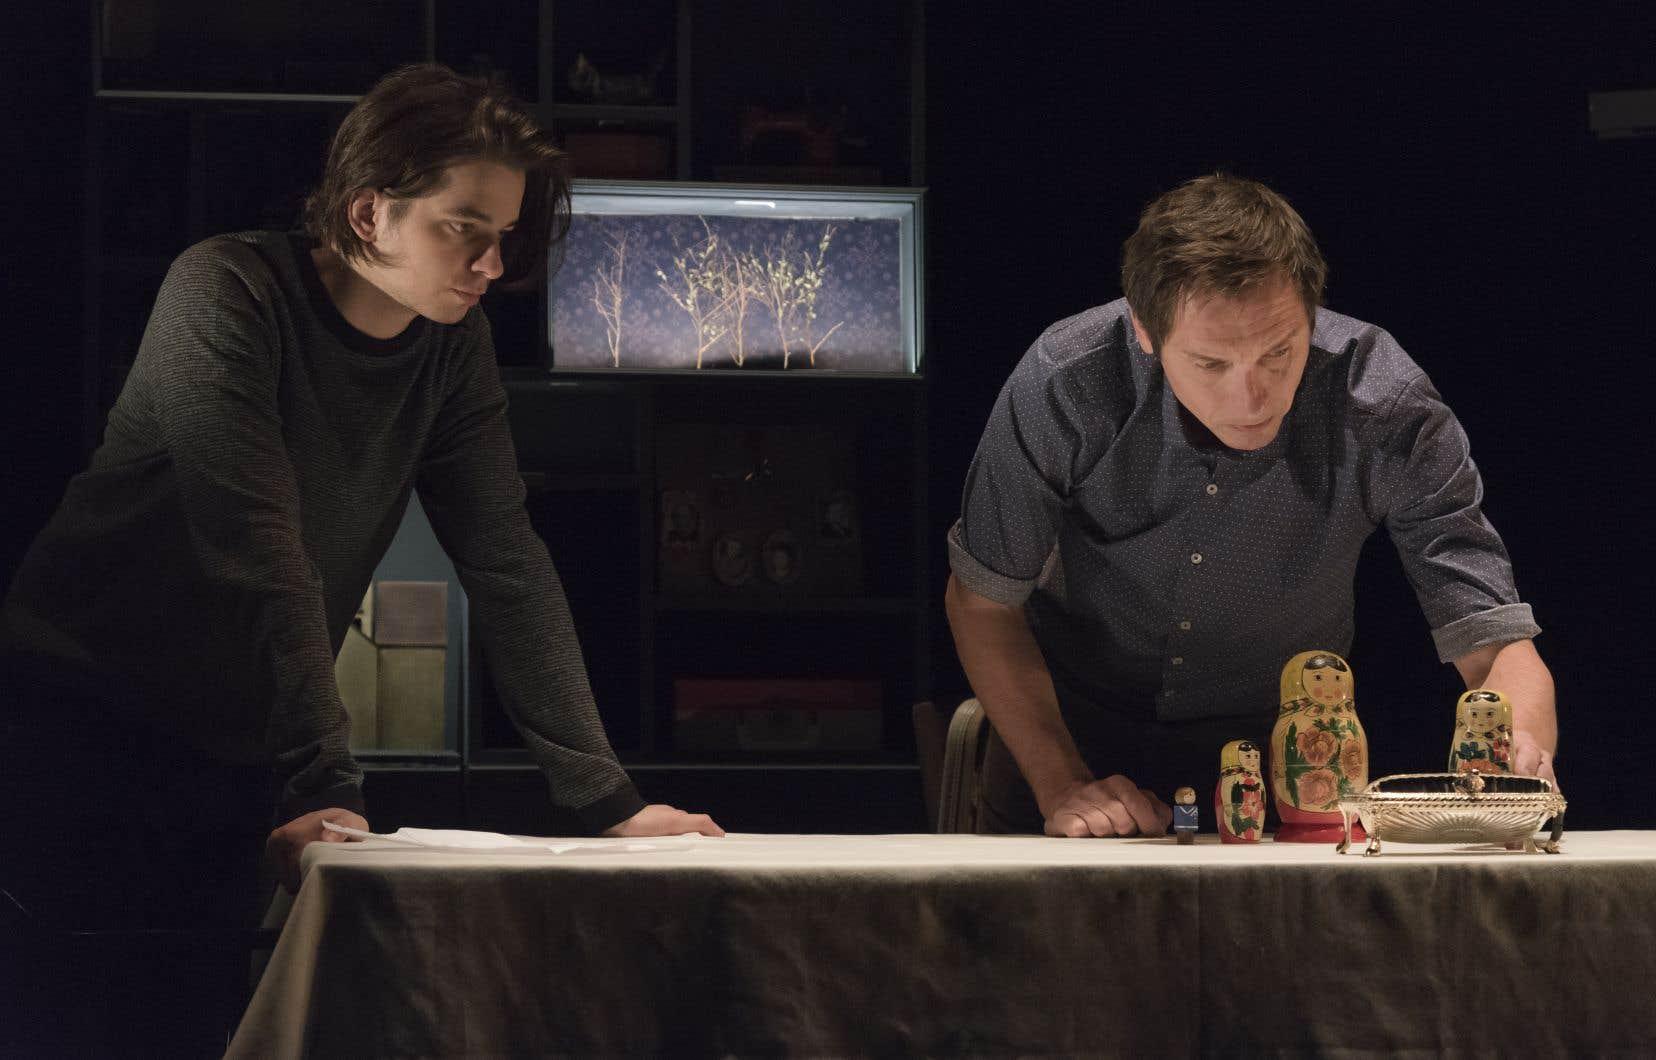 Empruntant au théâtre d'ombres et d'objets, les récits racontés par les comédiens sont renforcés par la mise en scène délicate.